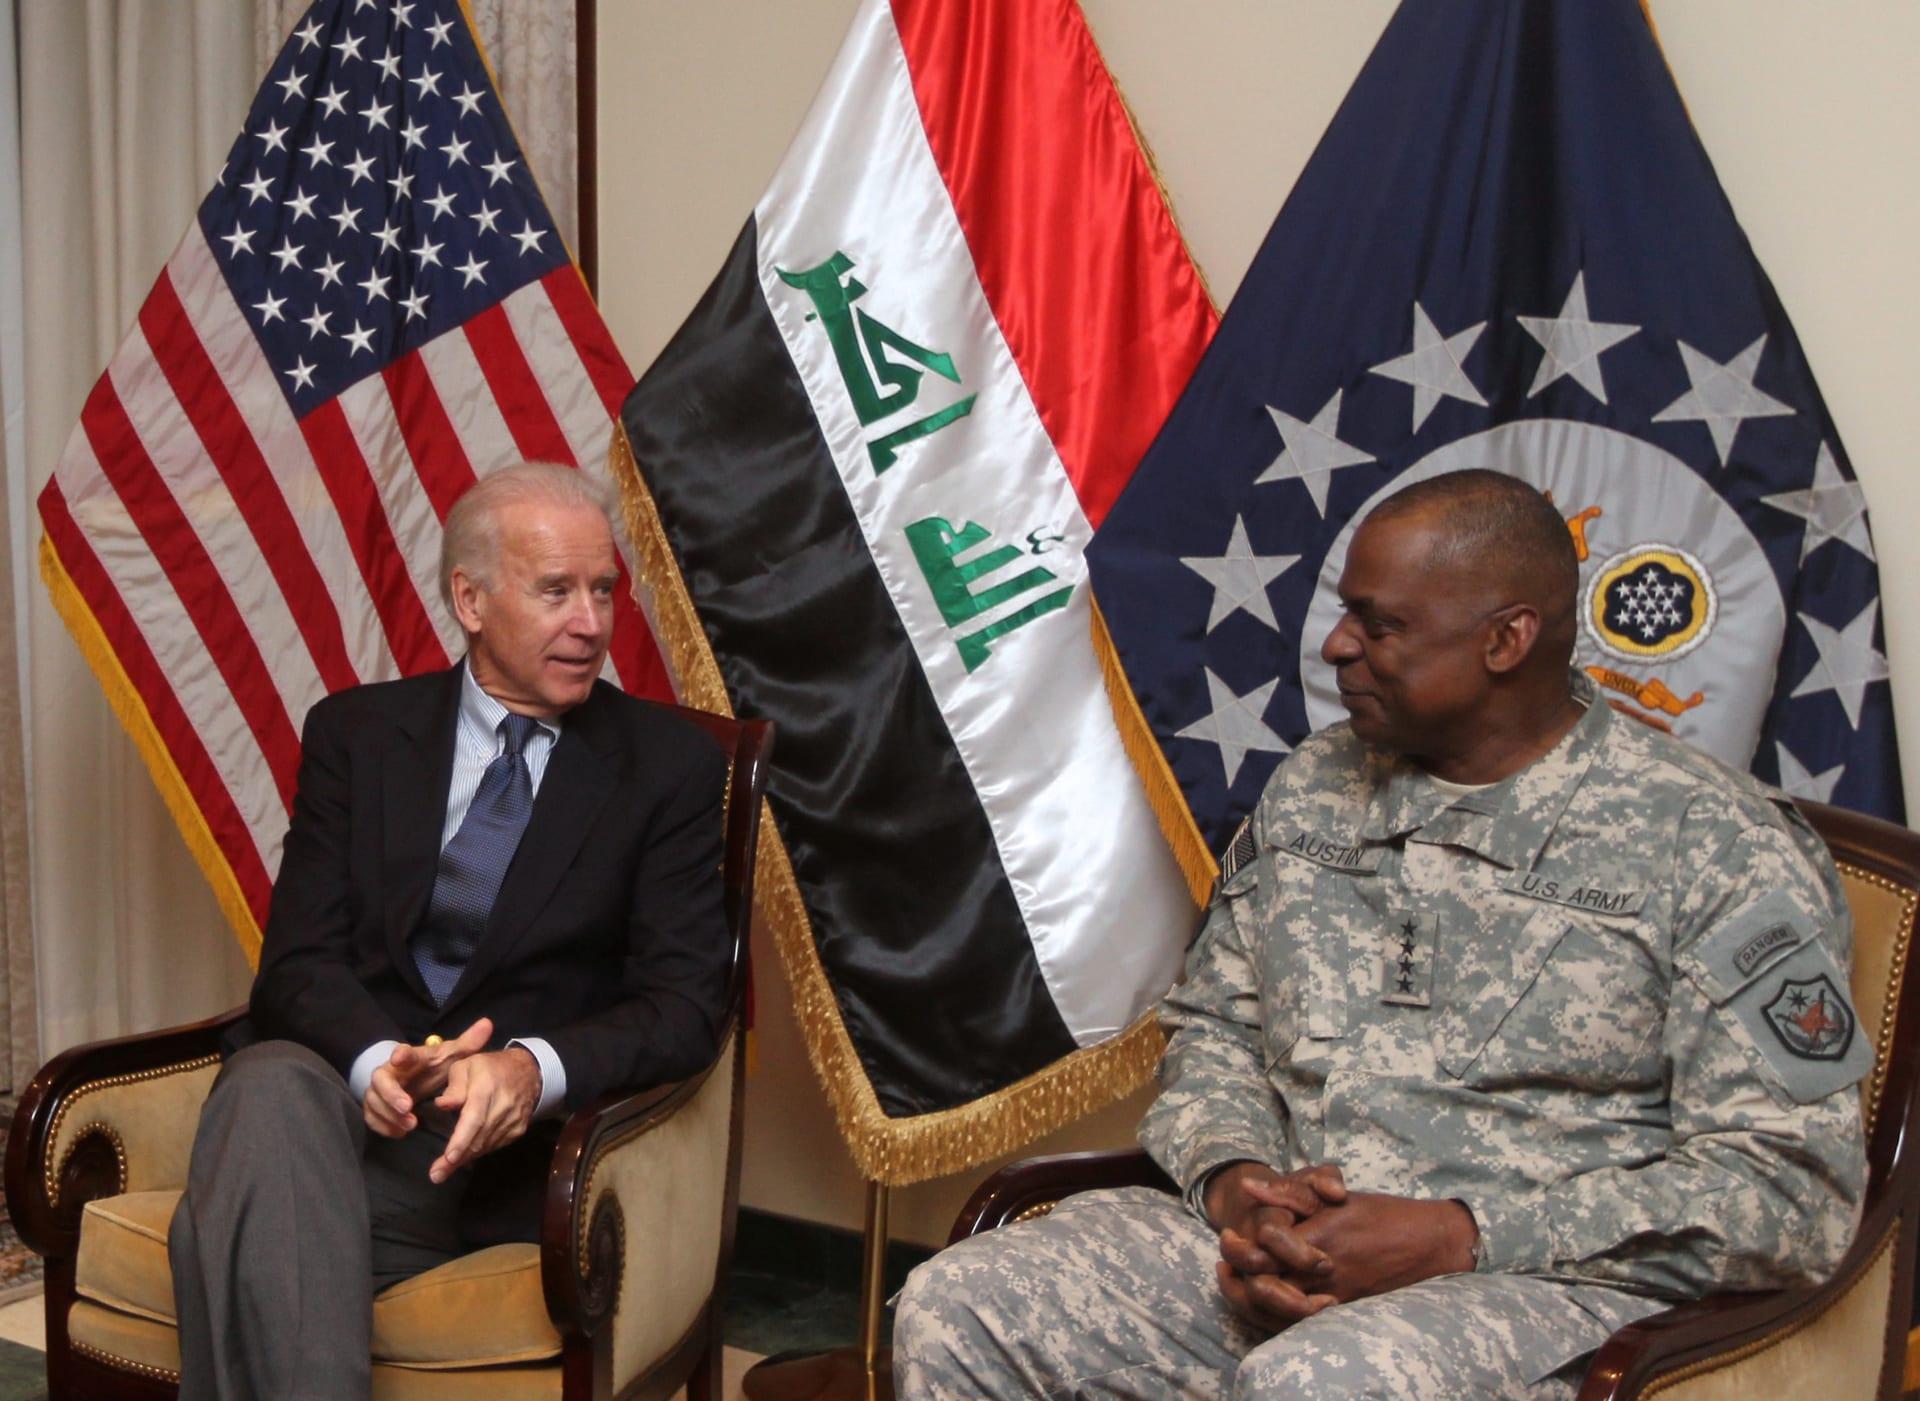 بايدن (يسار) يلتقي أوستن عندما كان قائدا للقوات الأمريكية في العراق العام 2011